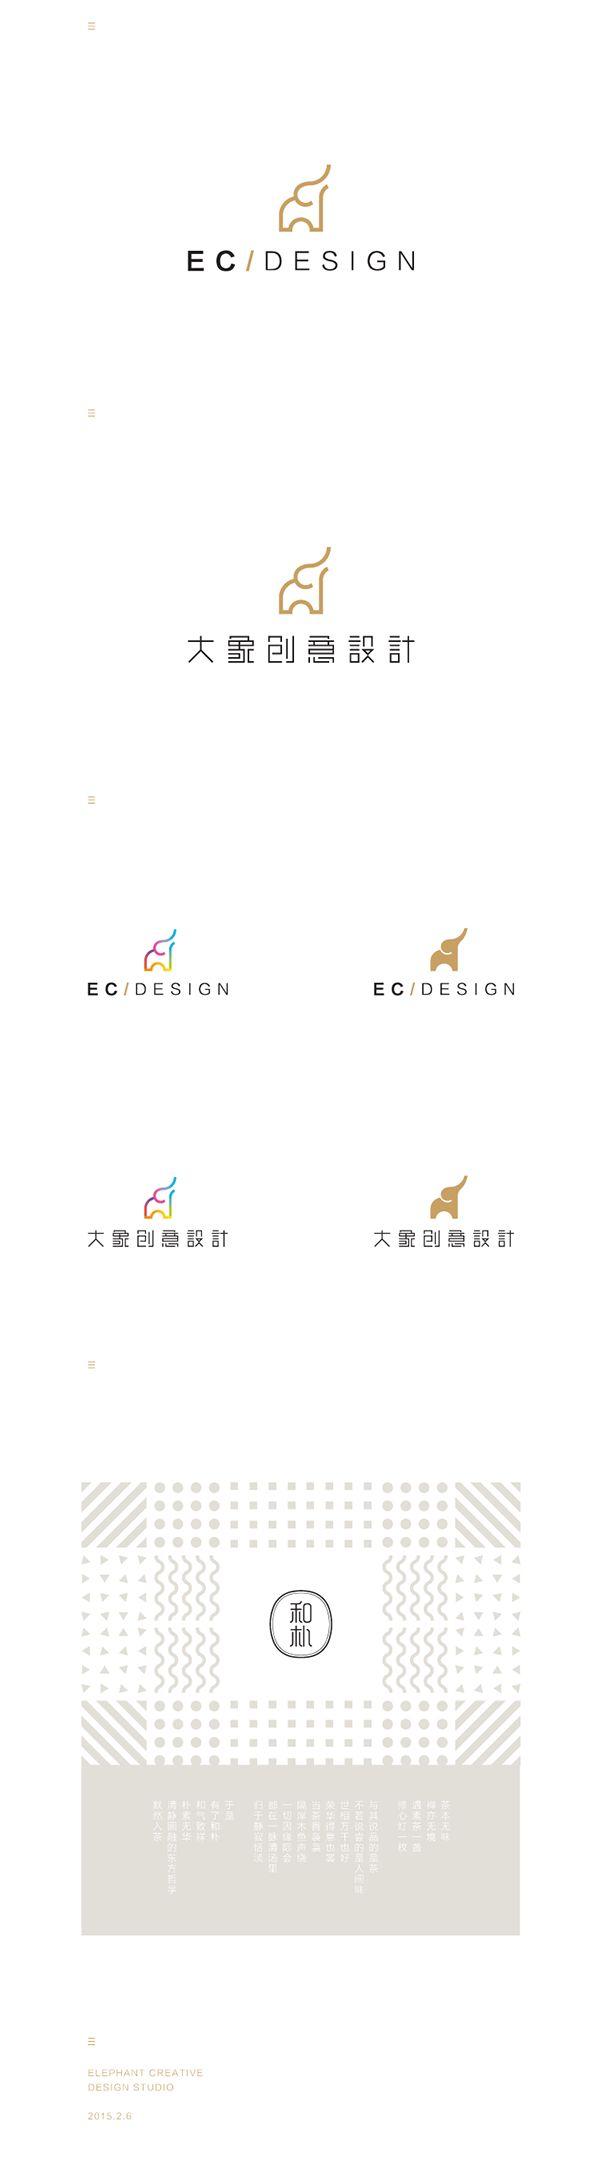 EC/Design logo on Behance